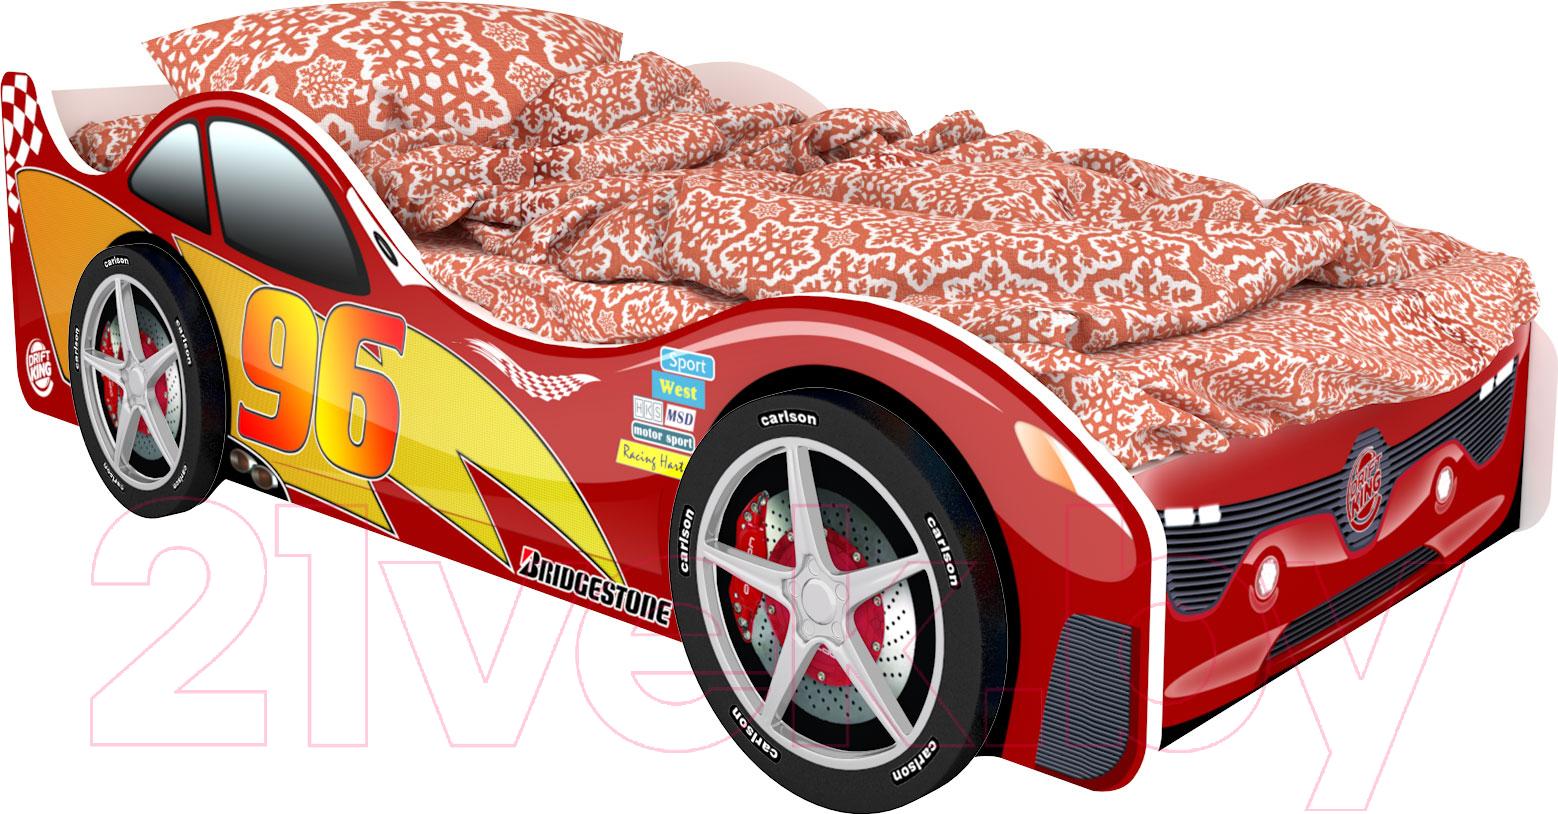 Купить Детская кровать-машинка КарлСон, Город Токио, Россия